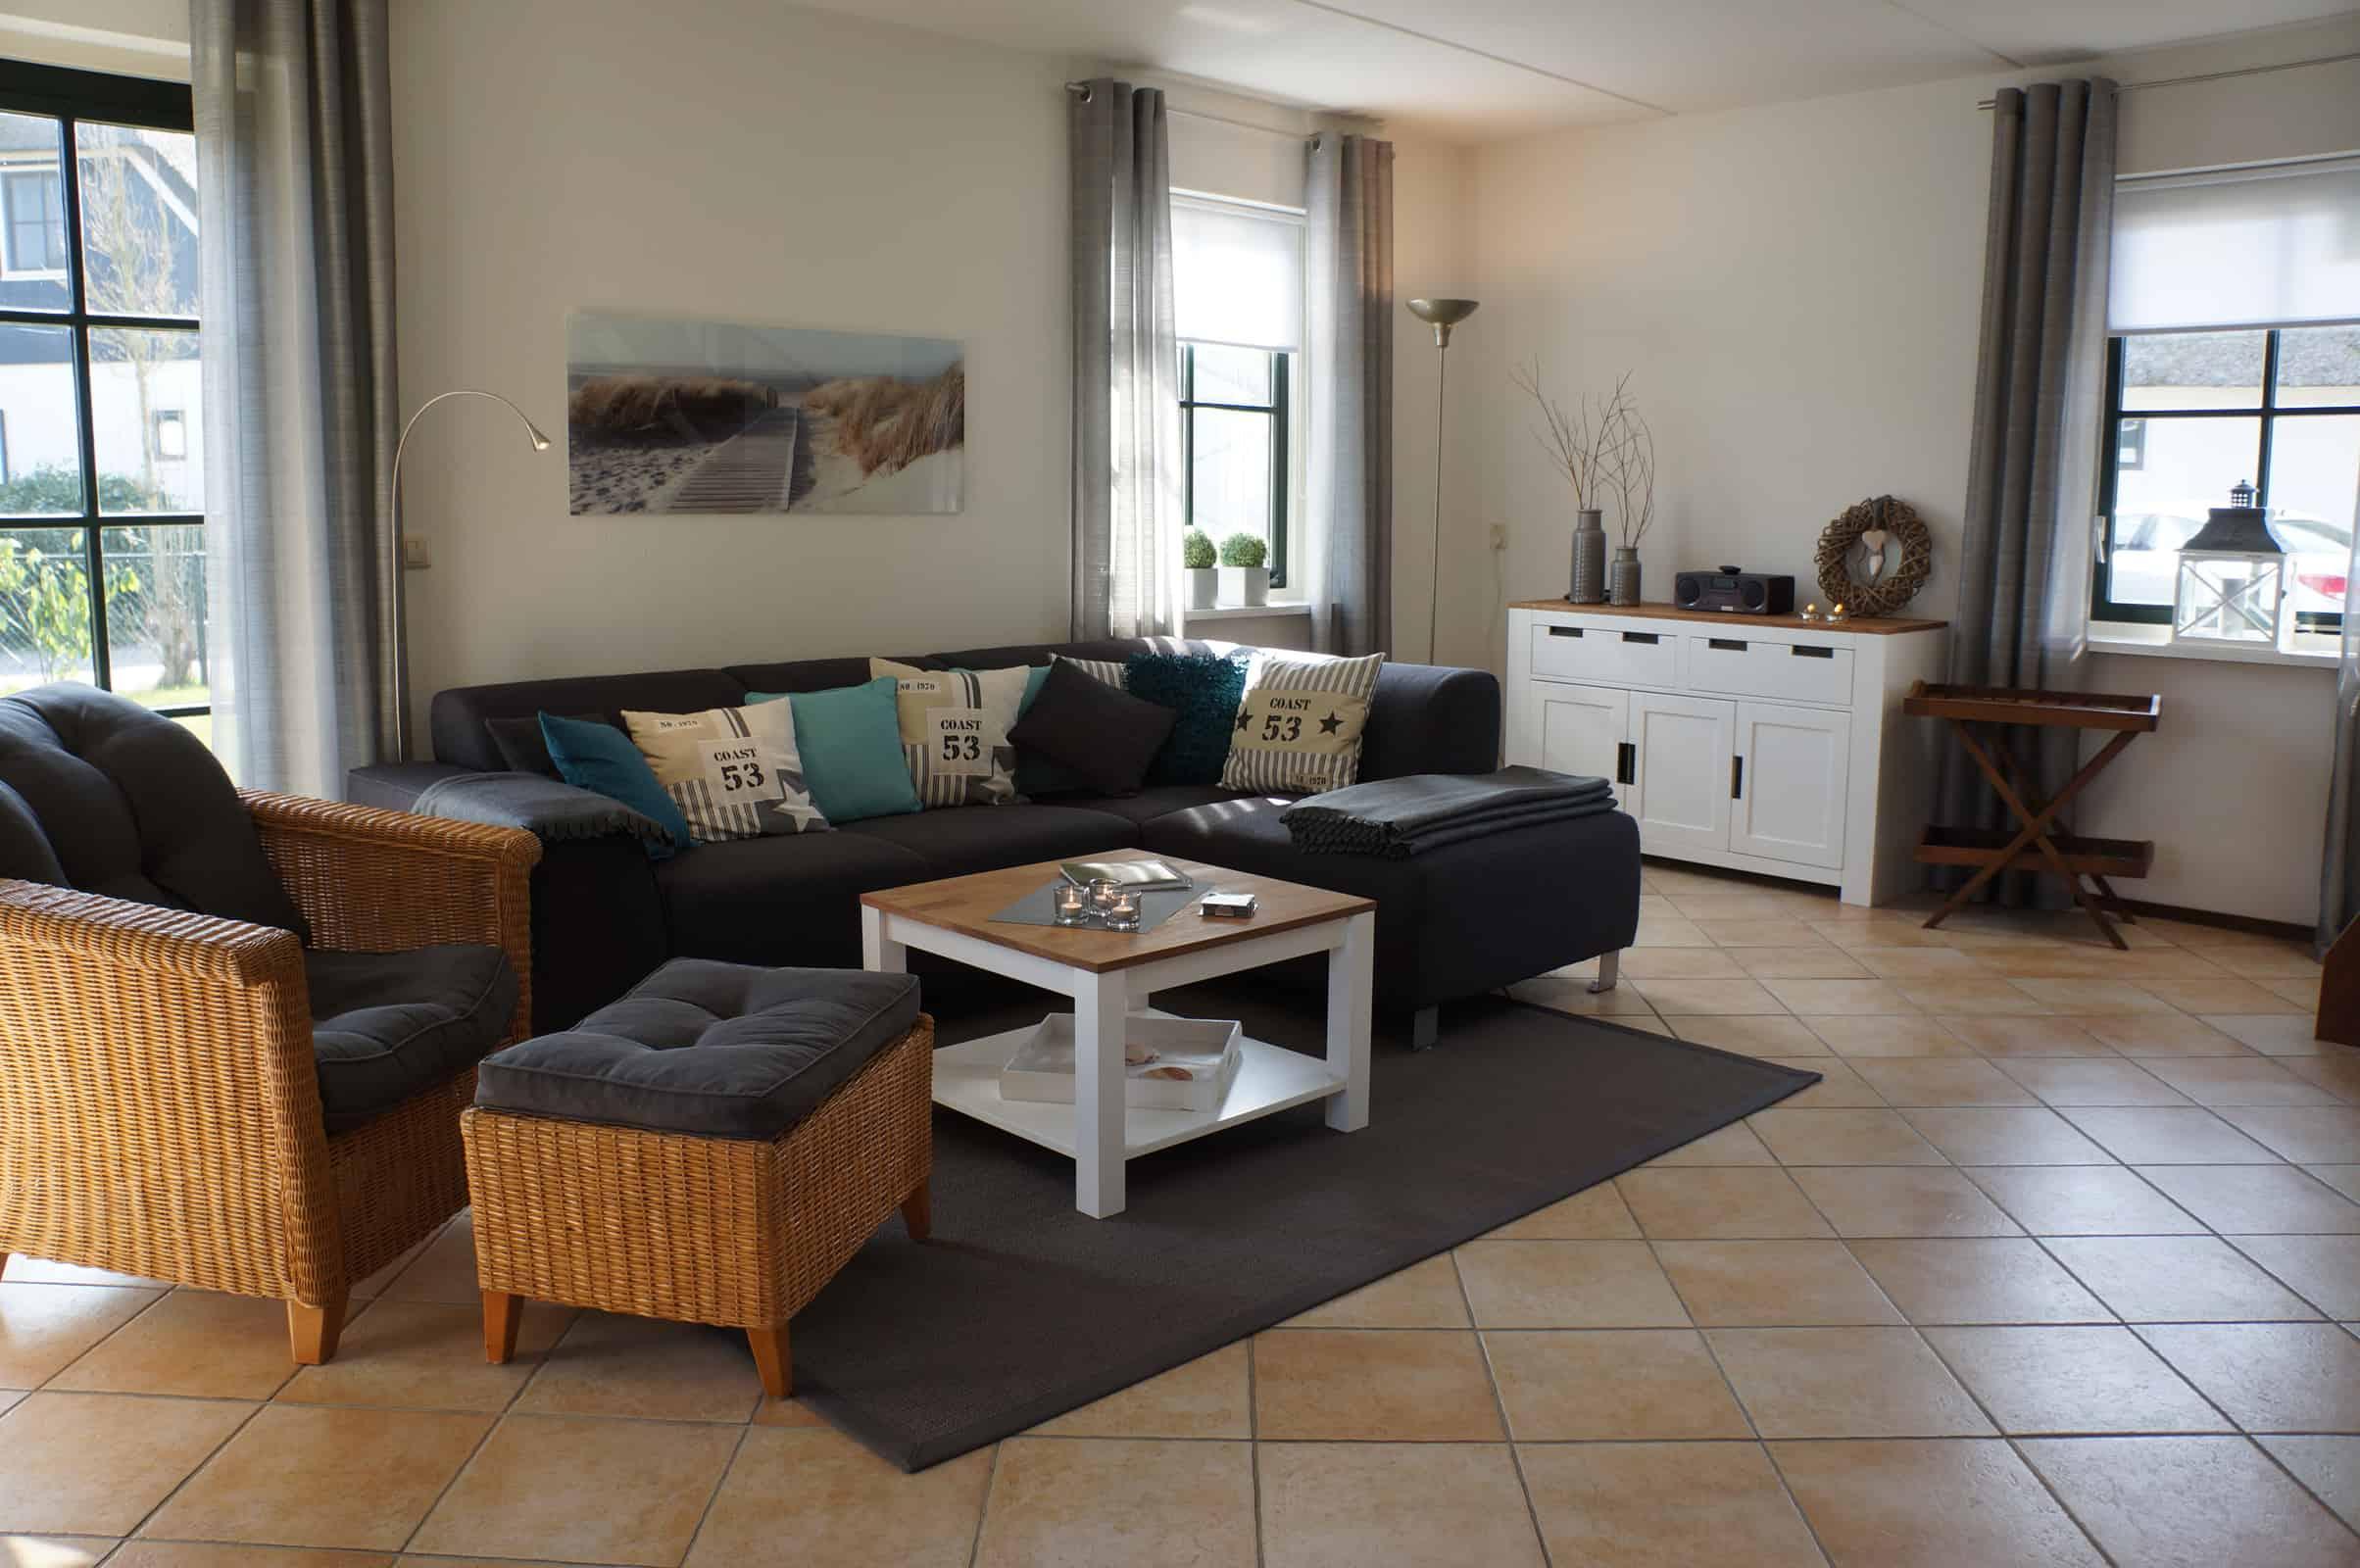 Vakantiehuis Callantsoog - Buitenplaats 44